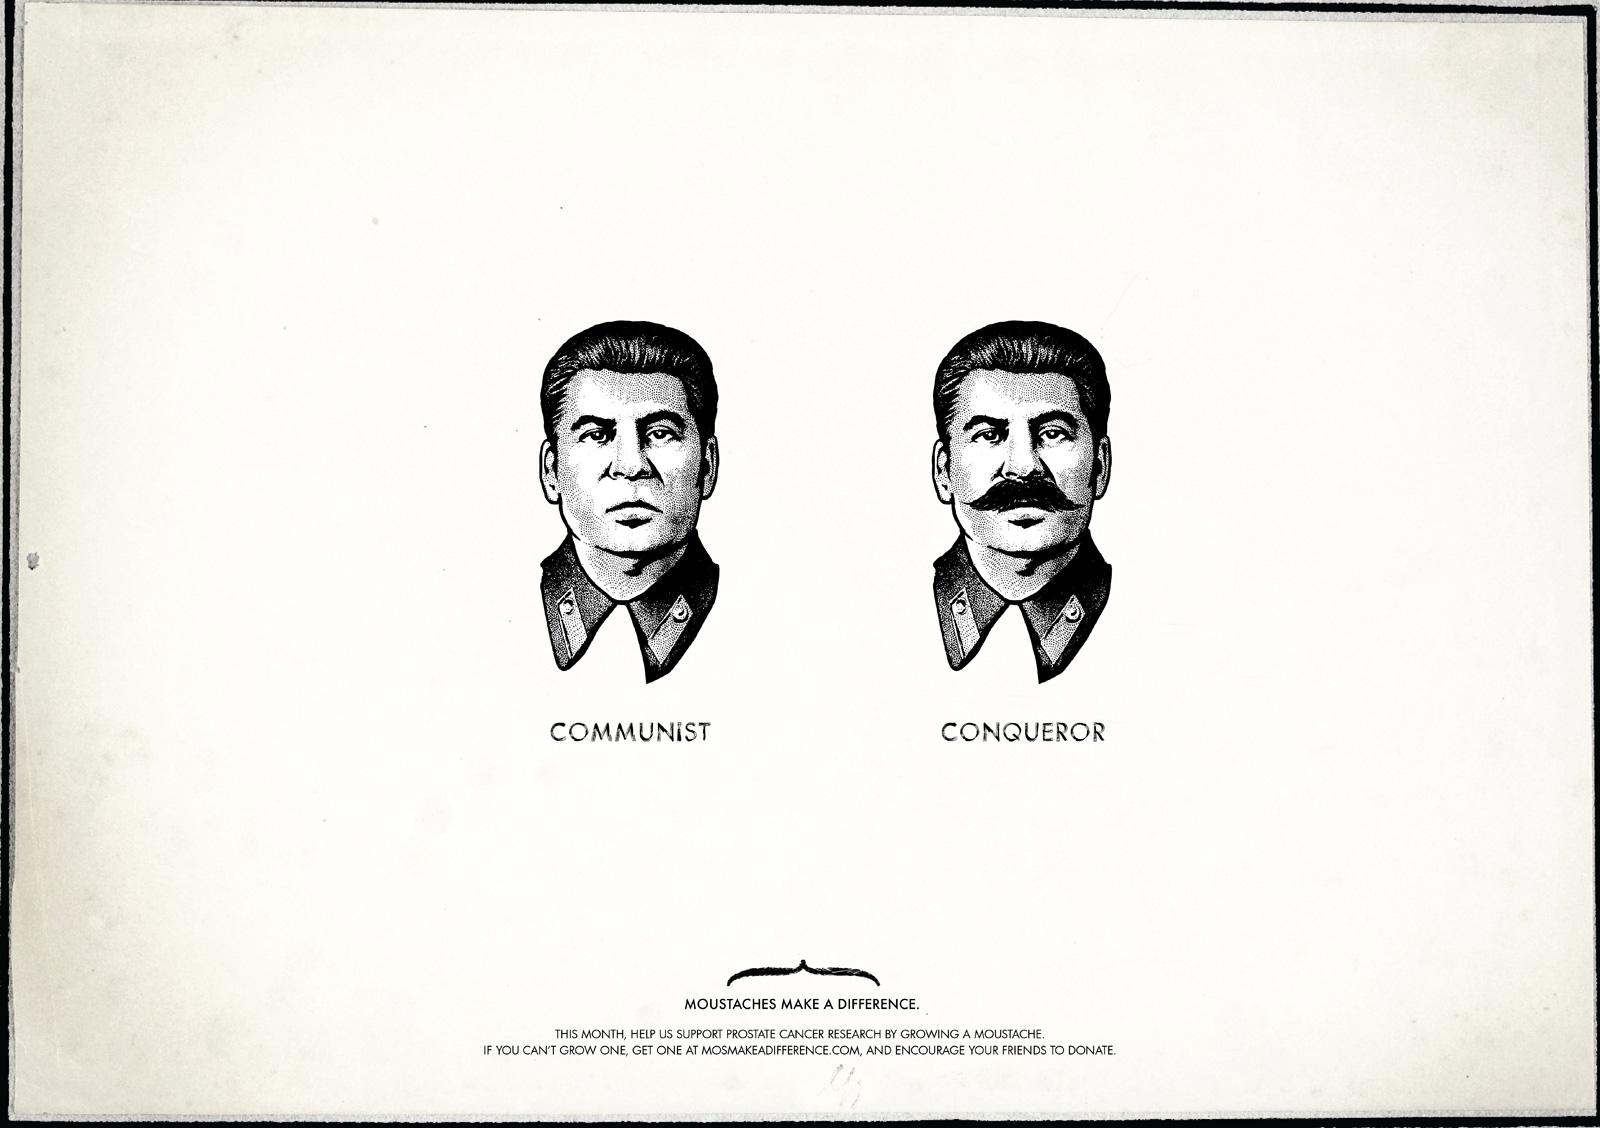 http://4.bp.blogspot.com/_42nL05s3A-8/TNnx_NcMNSI/AAAAAAAADBQ/9vBRh25CQ3A/s1600/Moustaches-Make-A-Difference-stalin.jpg